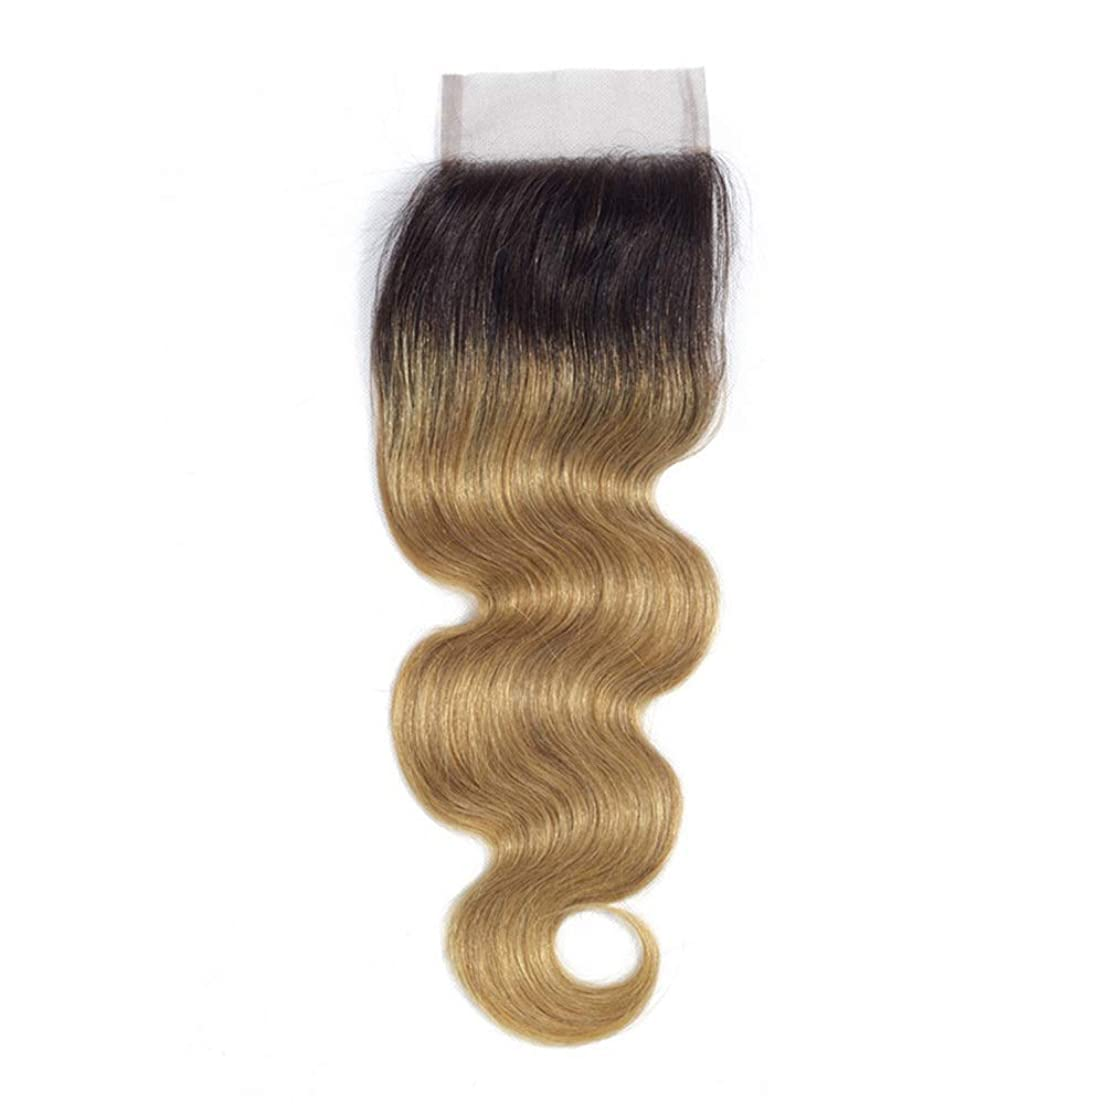 デイジーペルセウス聴覚障害者HOHYLLYA 人間の髪織りバンドルナチュラルヘアエクステンション横糸 - ボディウェーブ - ナチュラルブラックカラー(1バンドル、100g)ロングカーリーウィッグ (色 : ブラウン, サイズ : 16 inch)